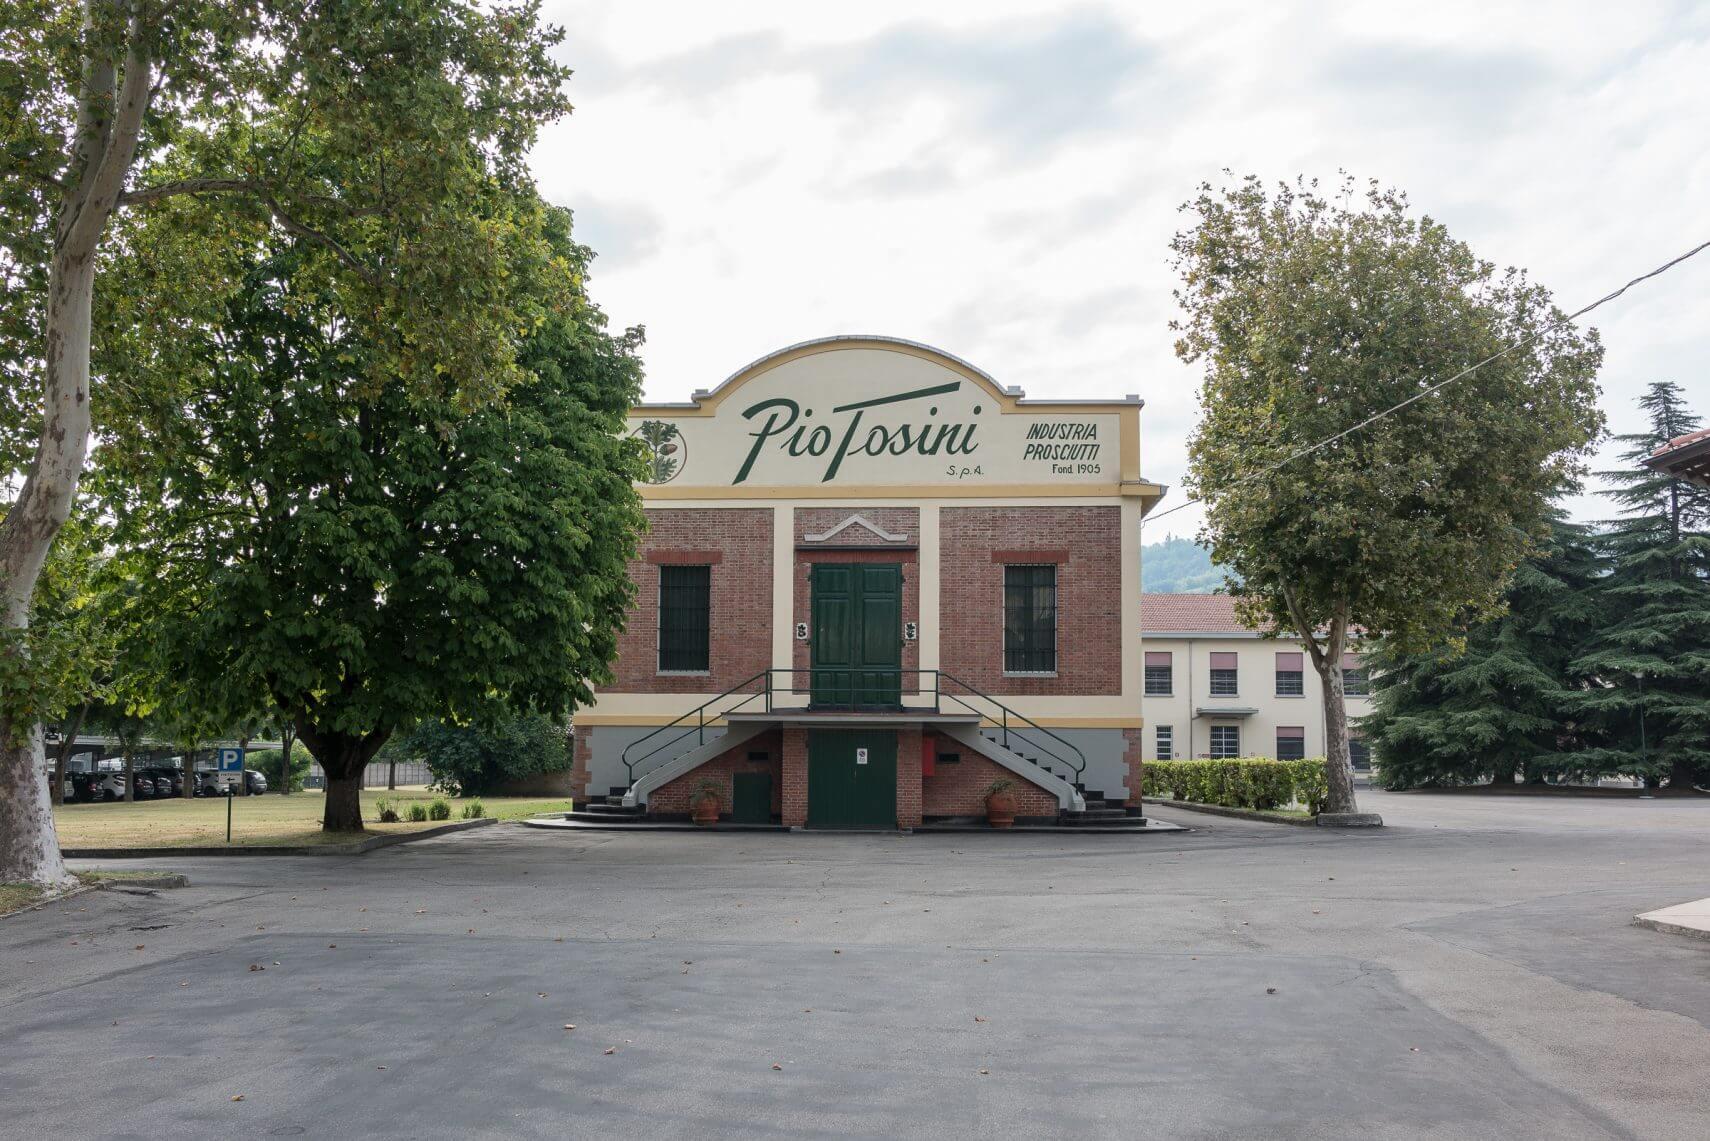 Pio Tosini Parma